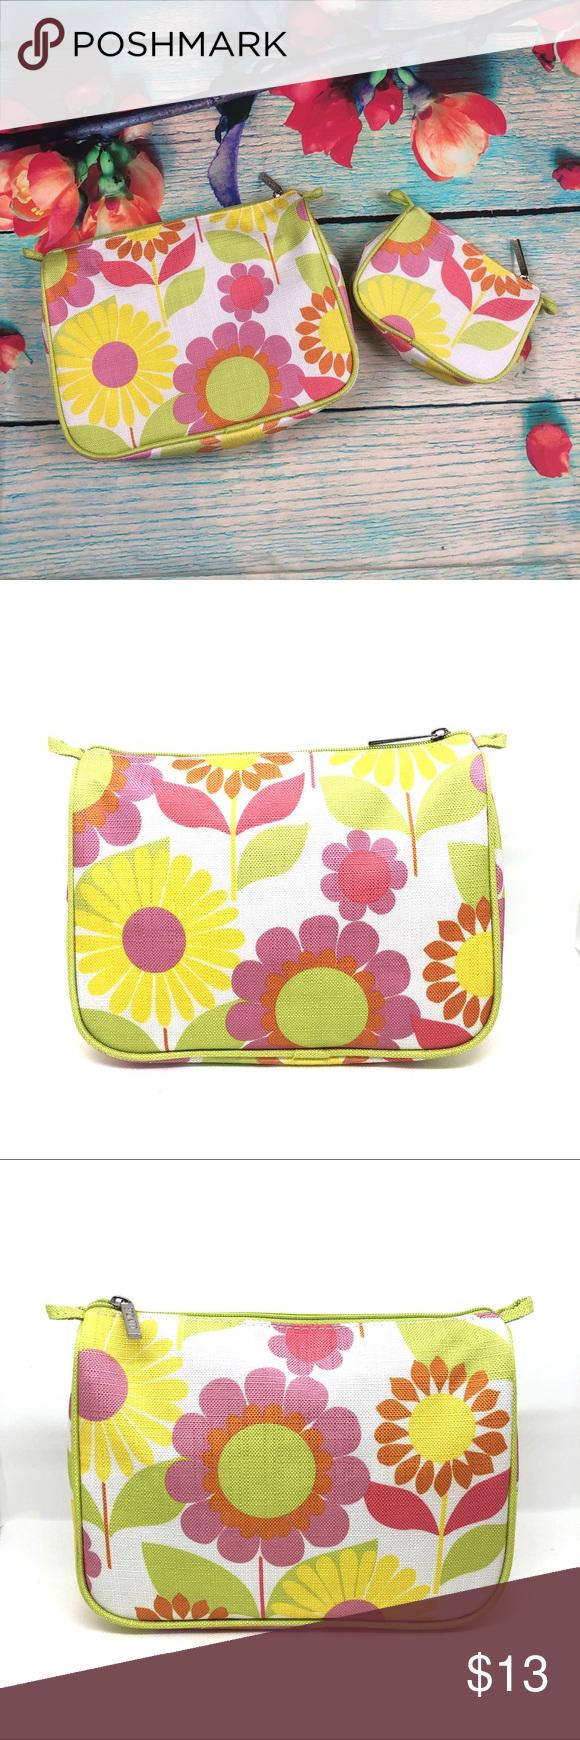 Clinique Flower Makeup Bag Set This Is A Cute Flower Bag Set This